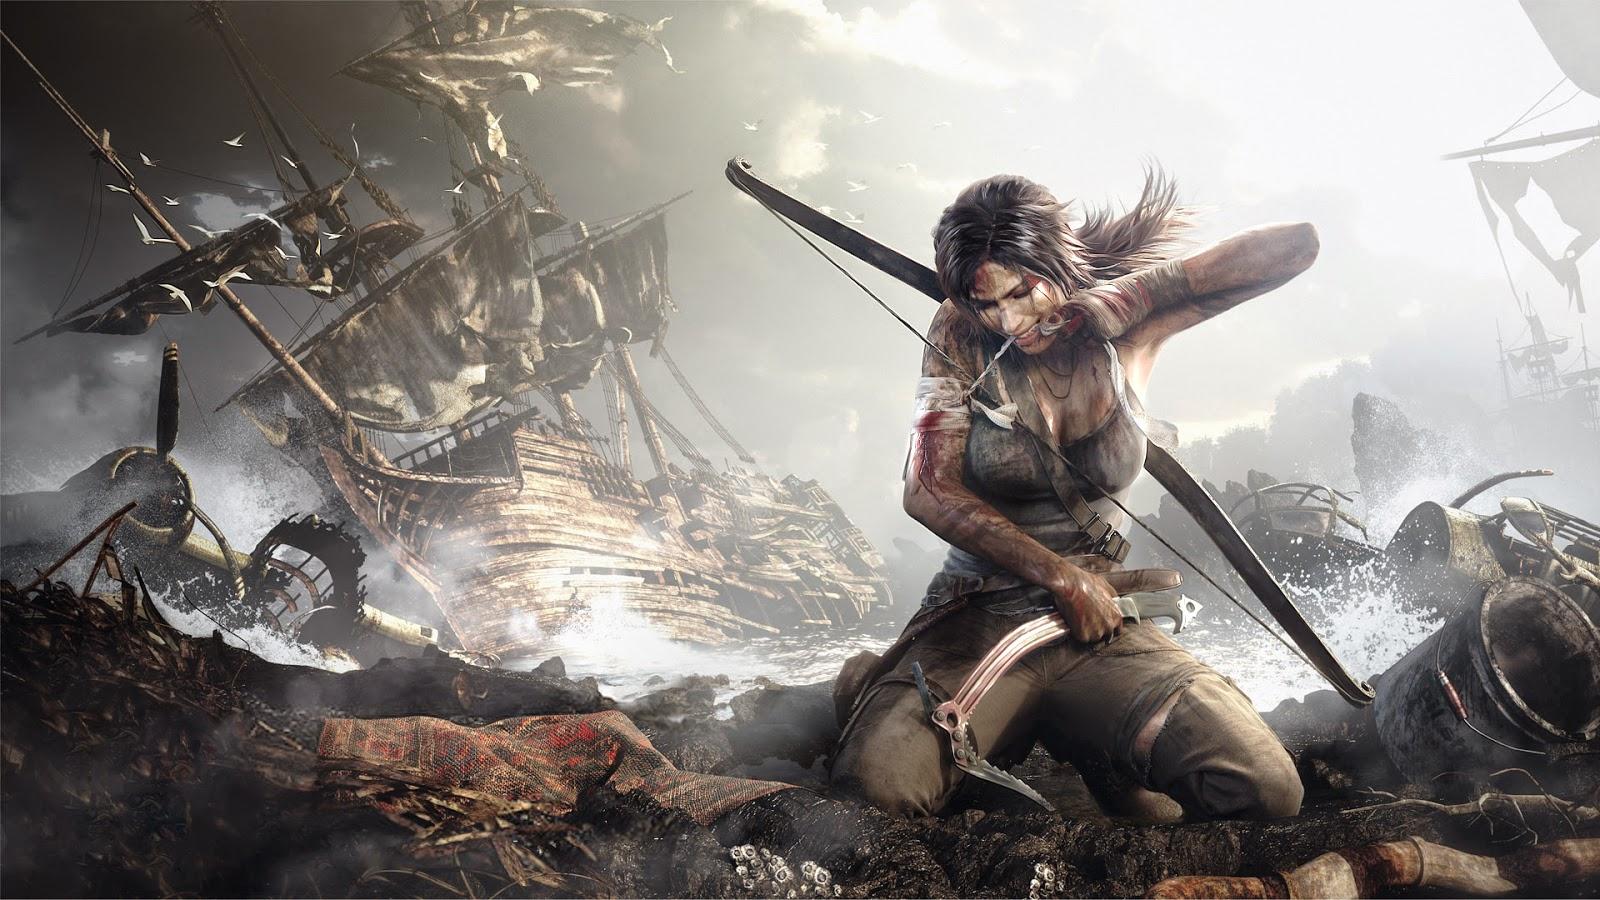 El videojuego de Tomb Raider también tuvo su reboot